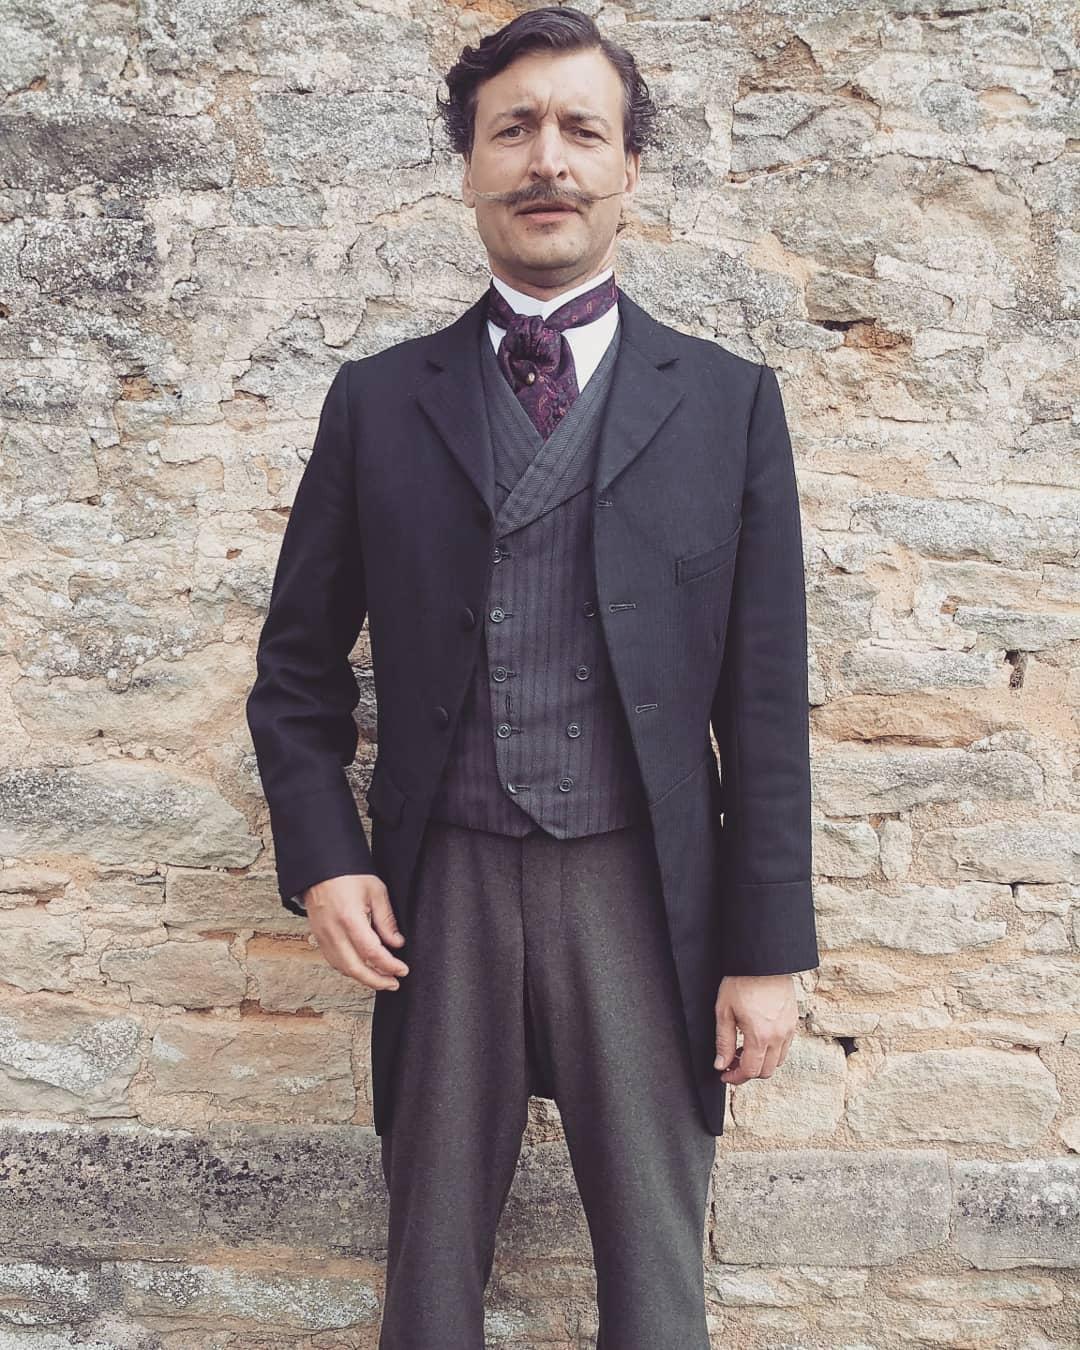 Karl Farrer as the hero Polka dancer on Colette